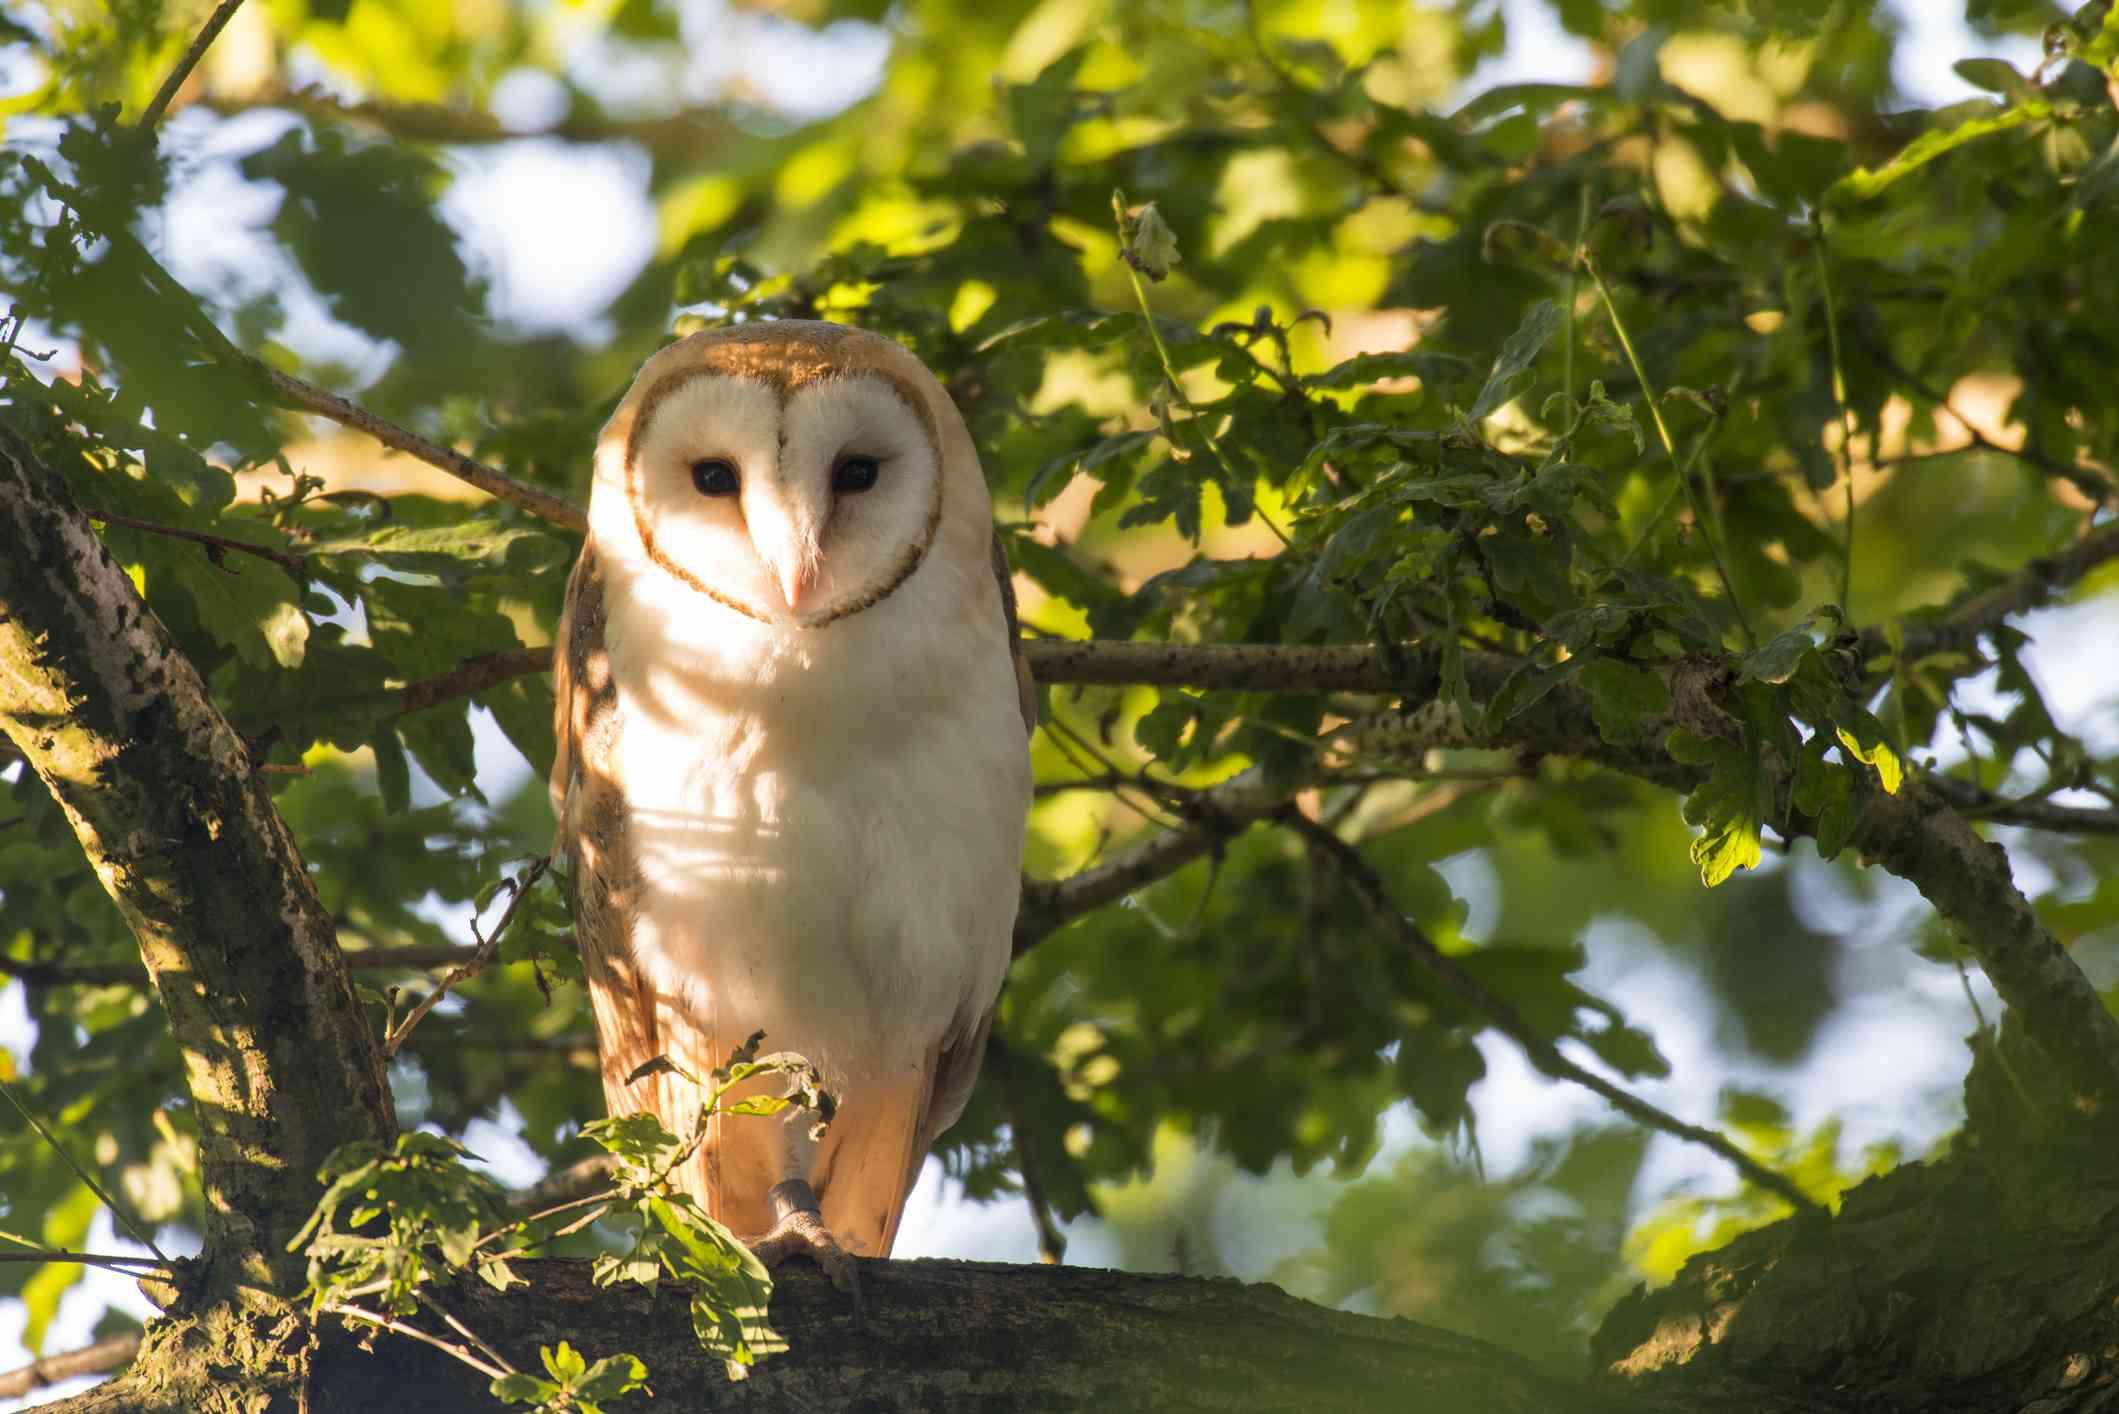 Barn owl in an oak tree